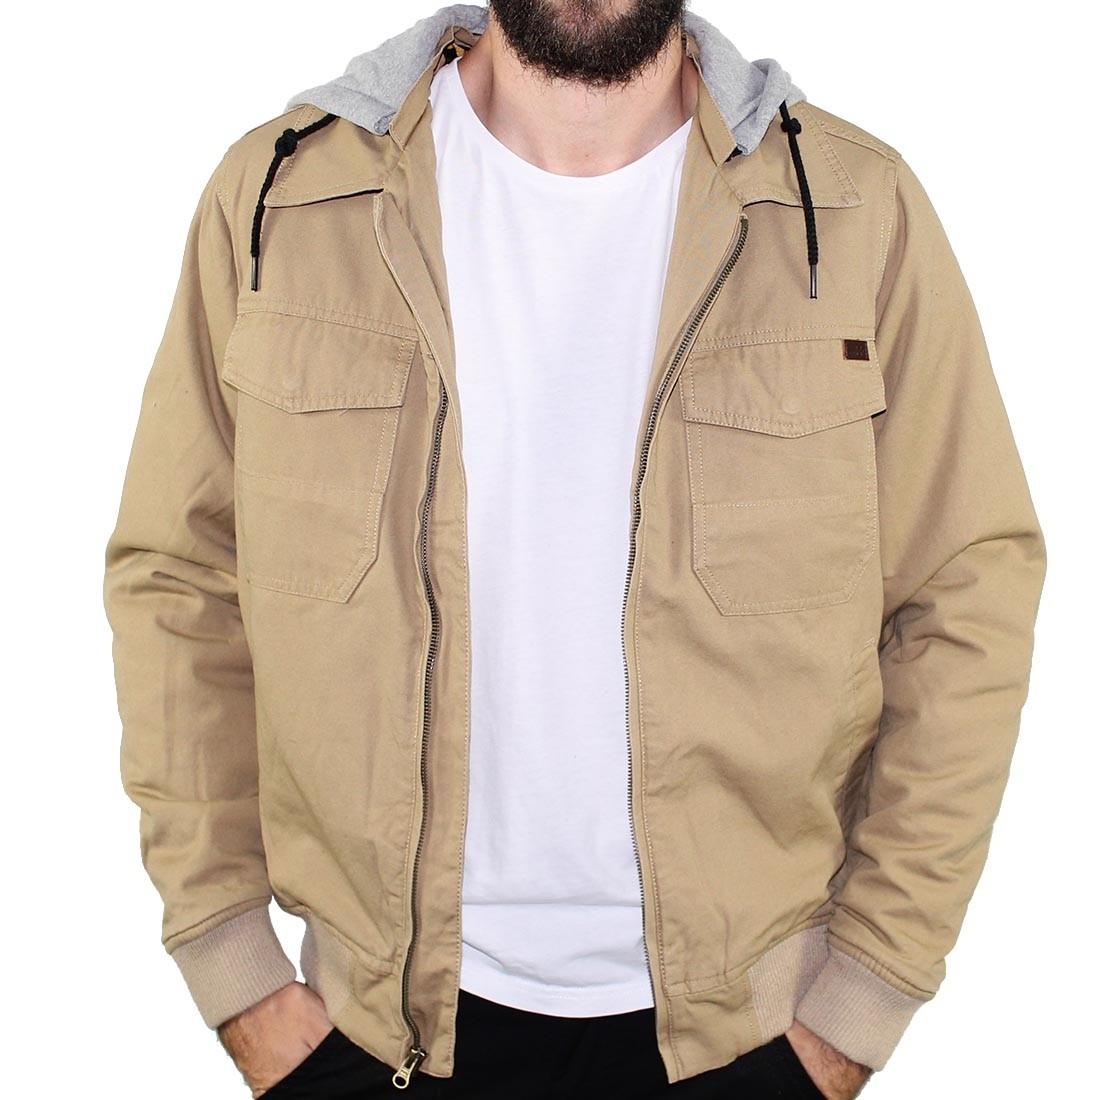 dfd3011f1 Billabong Barlow Twill Jacket